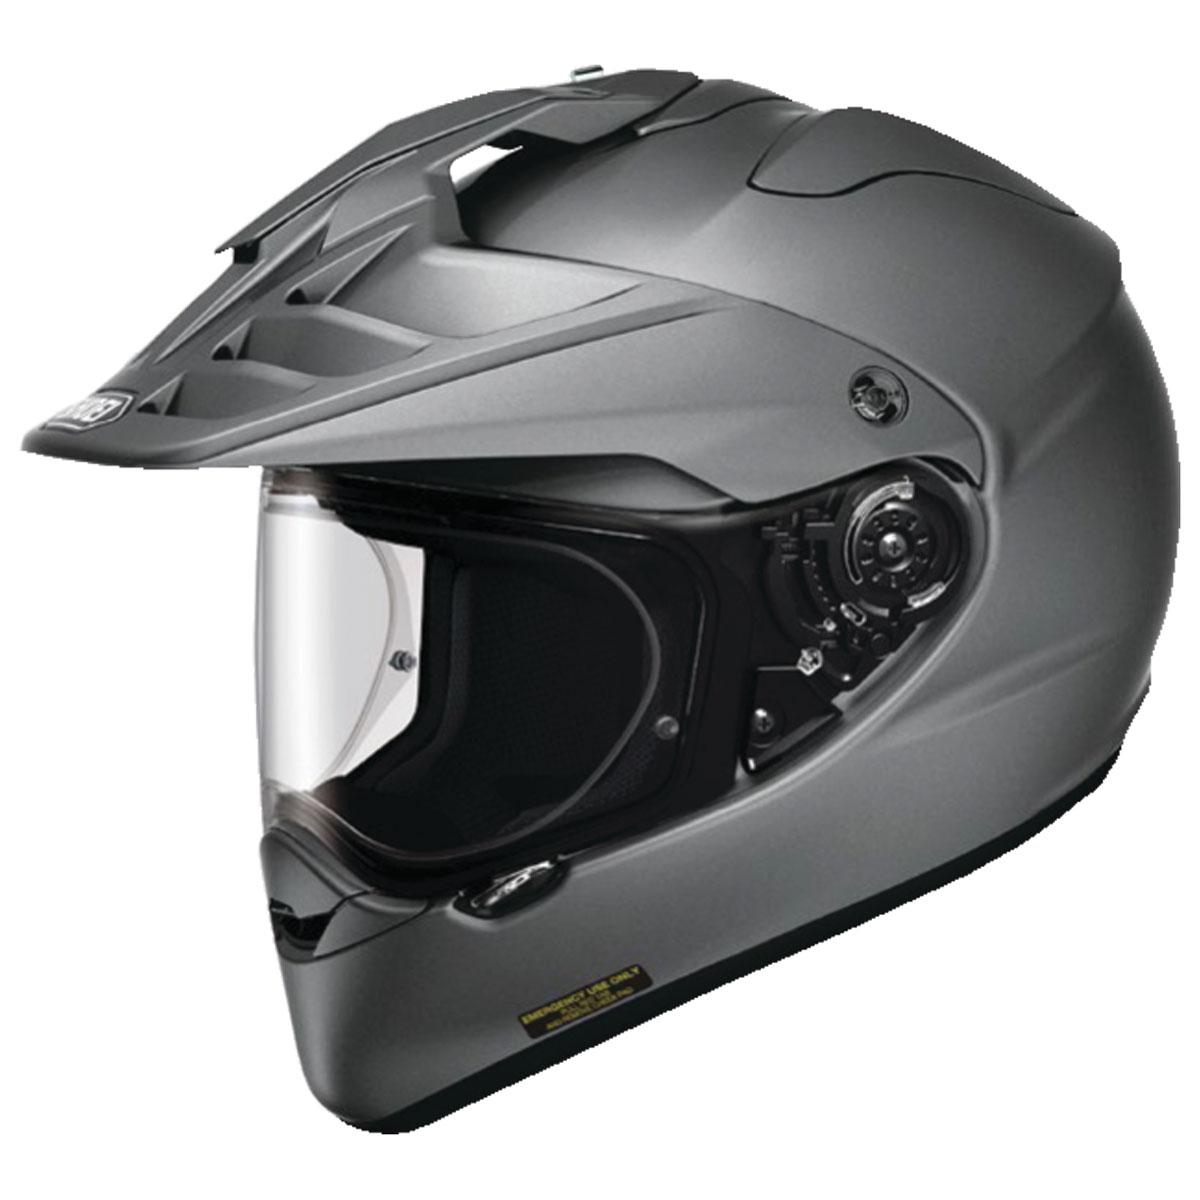 Shoei Hornet X2 Matte Deep Gray Dual Sport Helmet